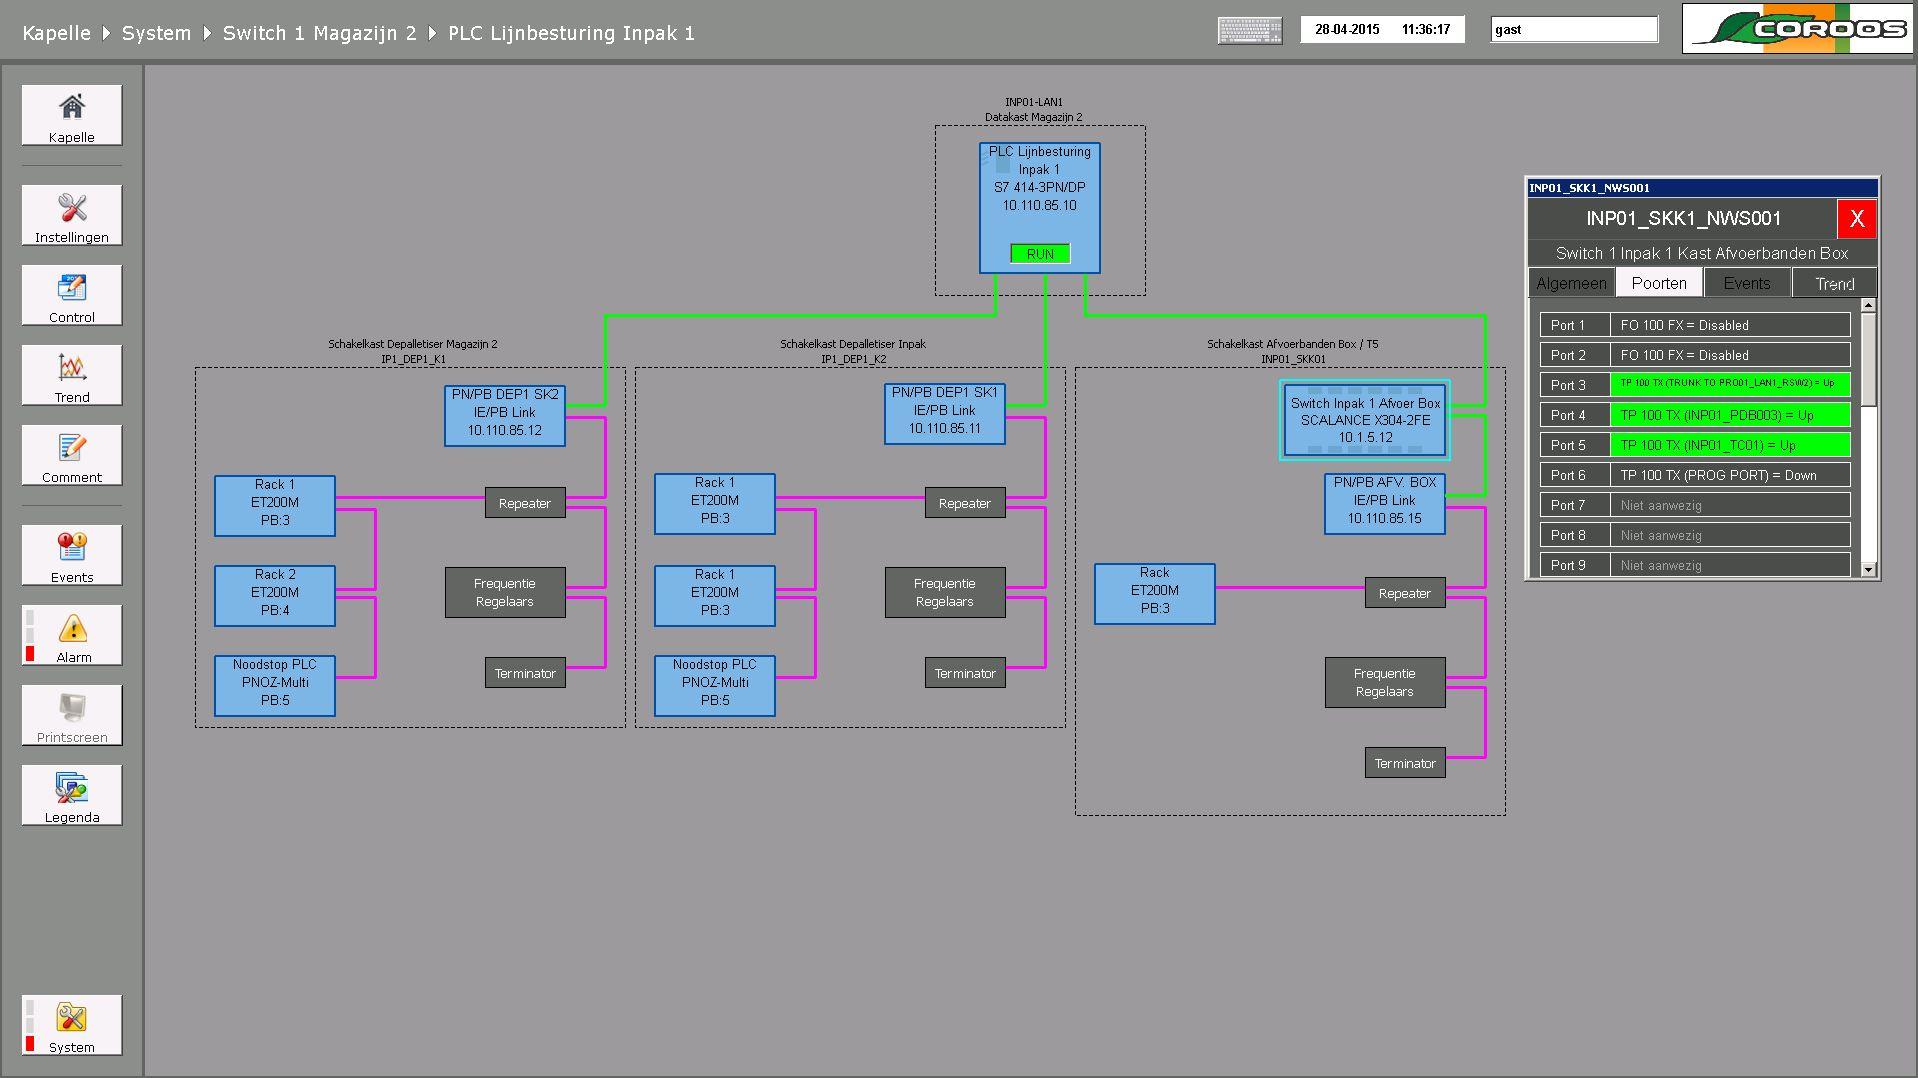 UI Systeemoverzicht